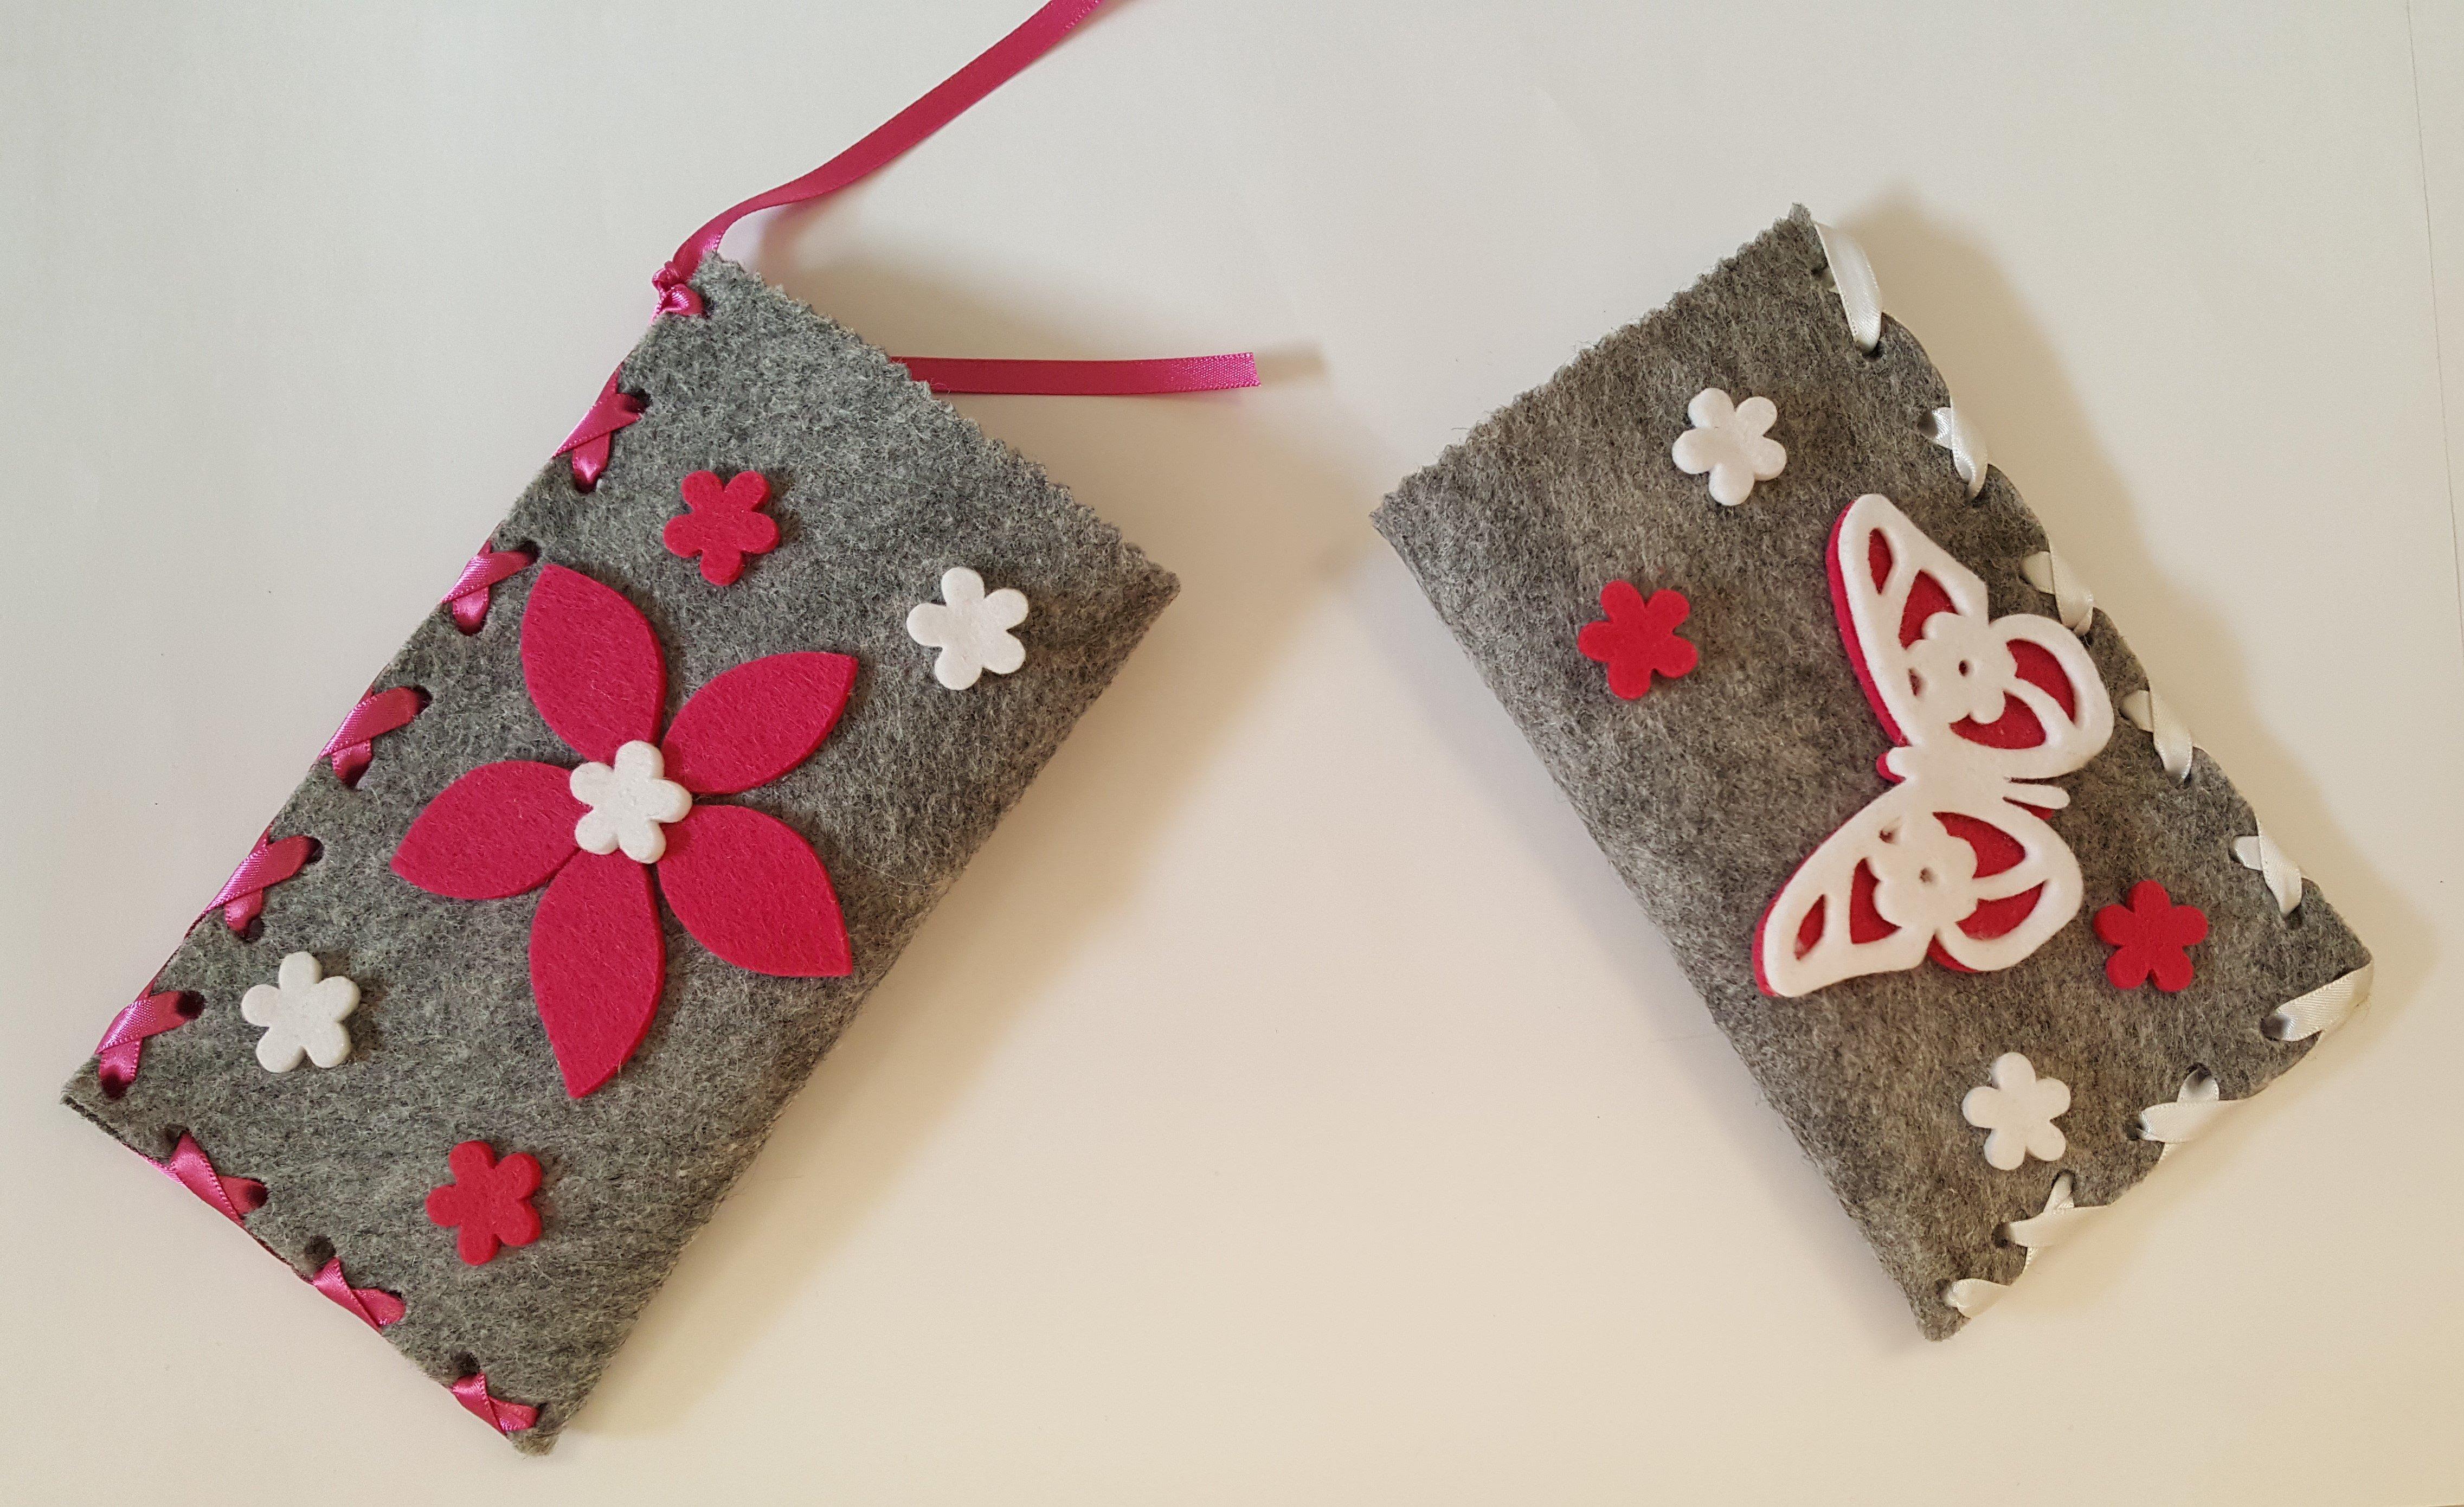 due astucci grigi uno con fiore rosso uno con farfalla bianca